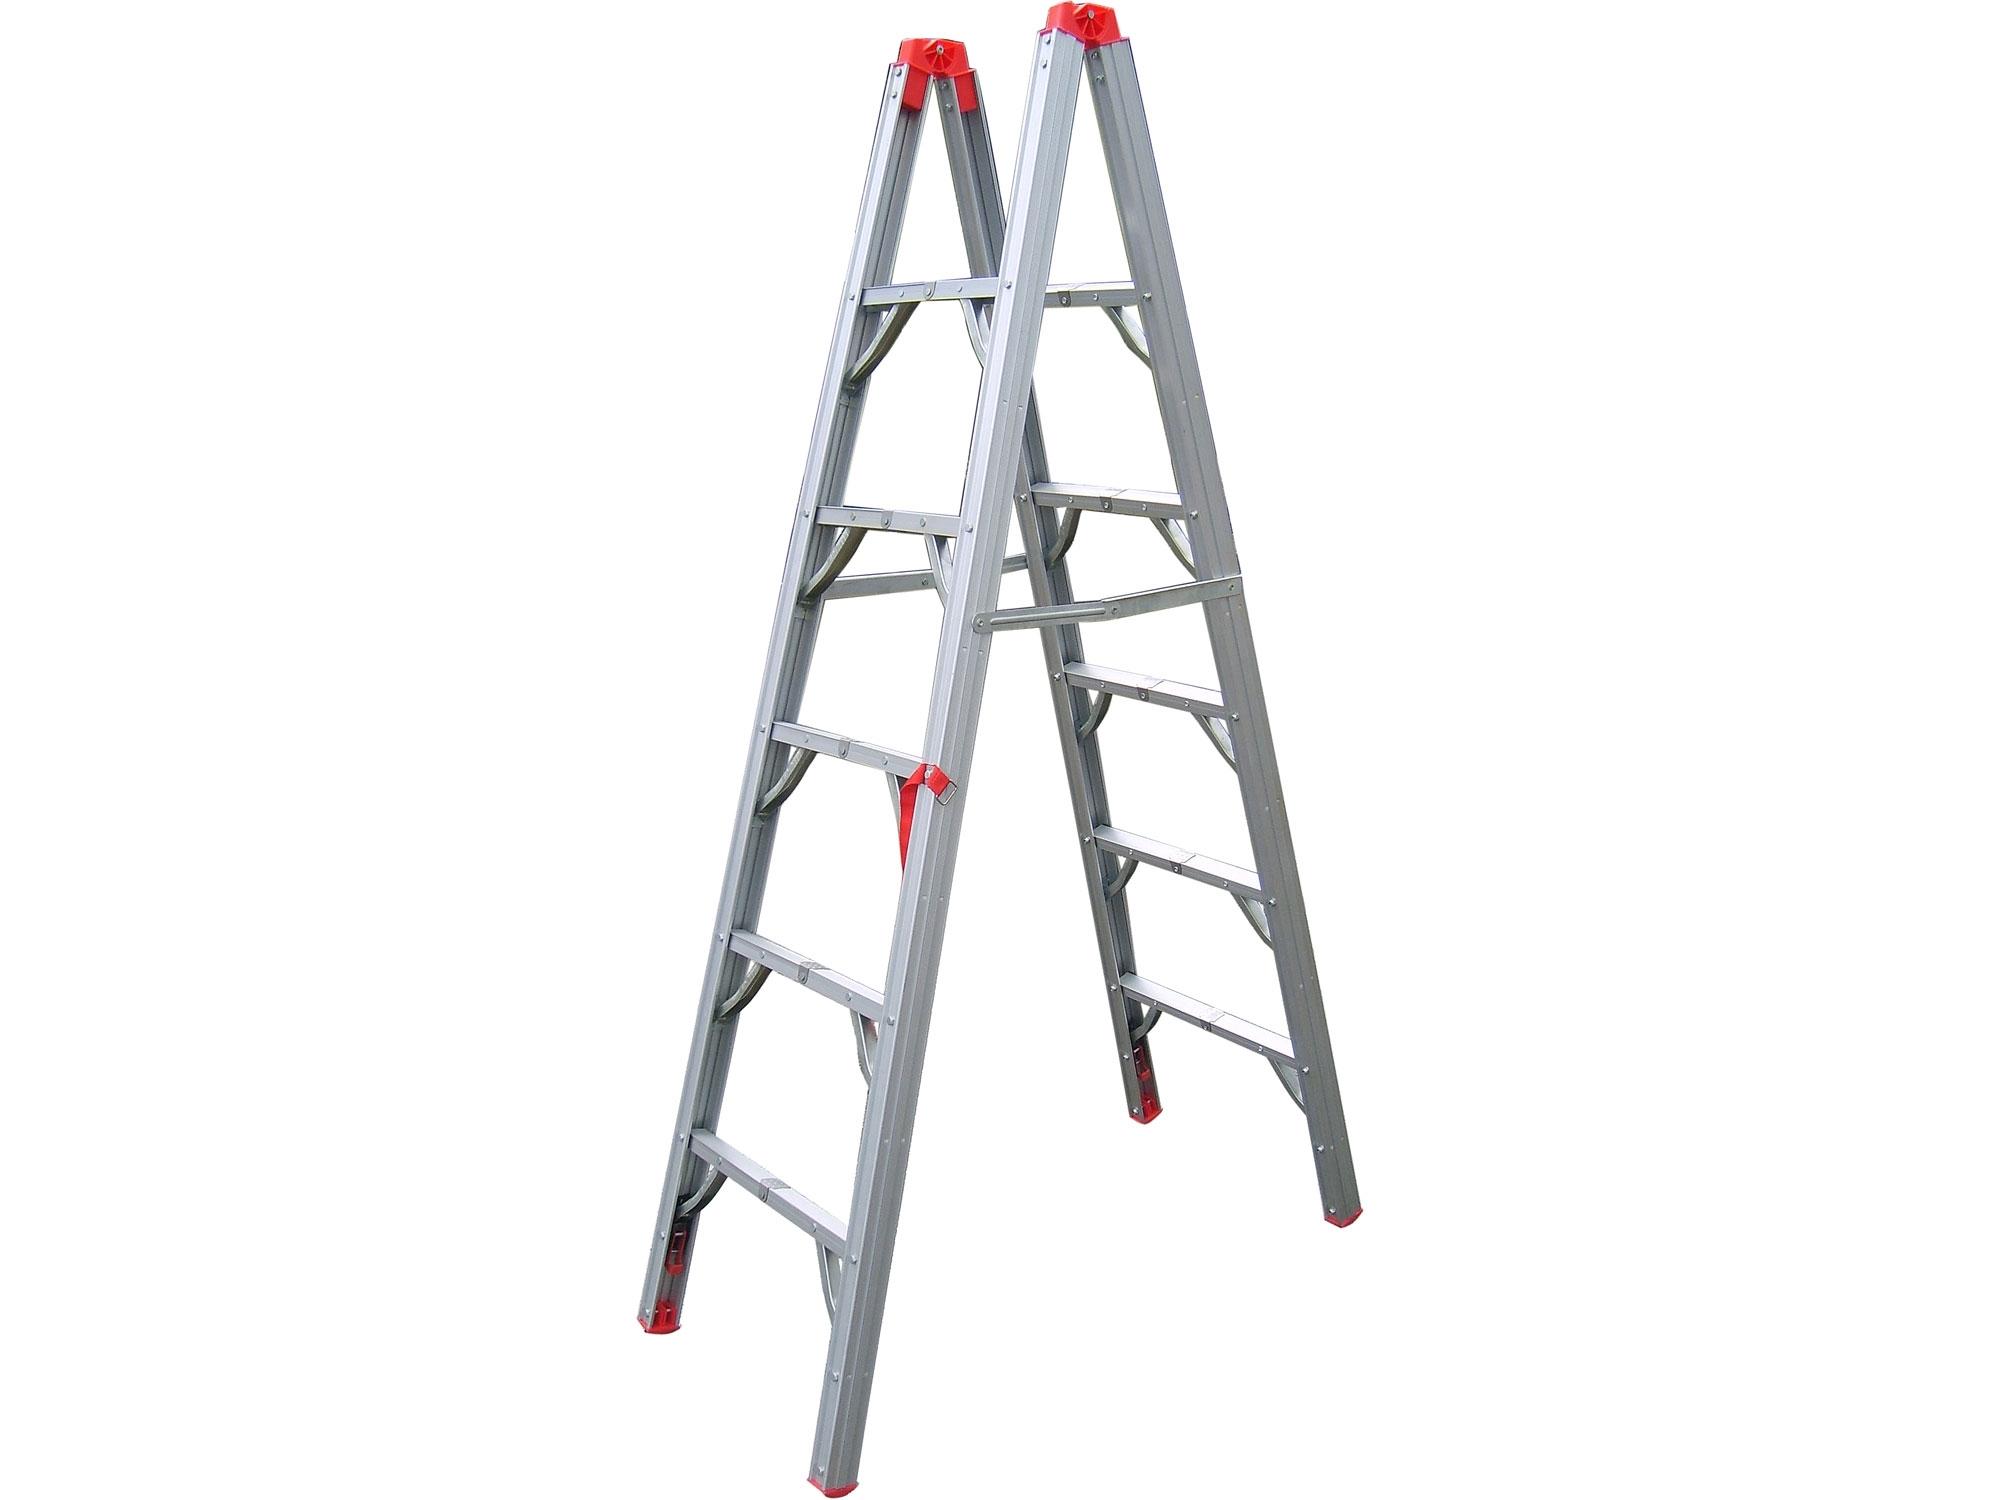 žebřík skládací - štafle, 1,8m, EXTOL PREMIUM 8849020